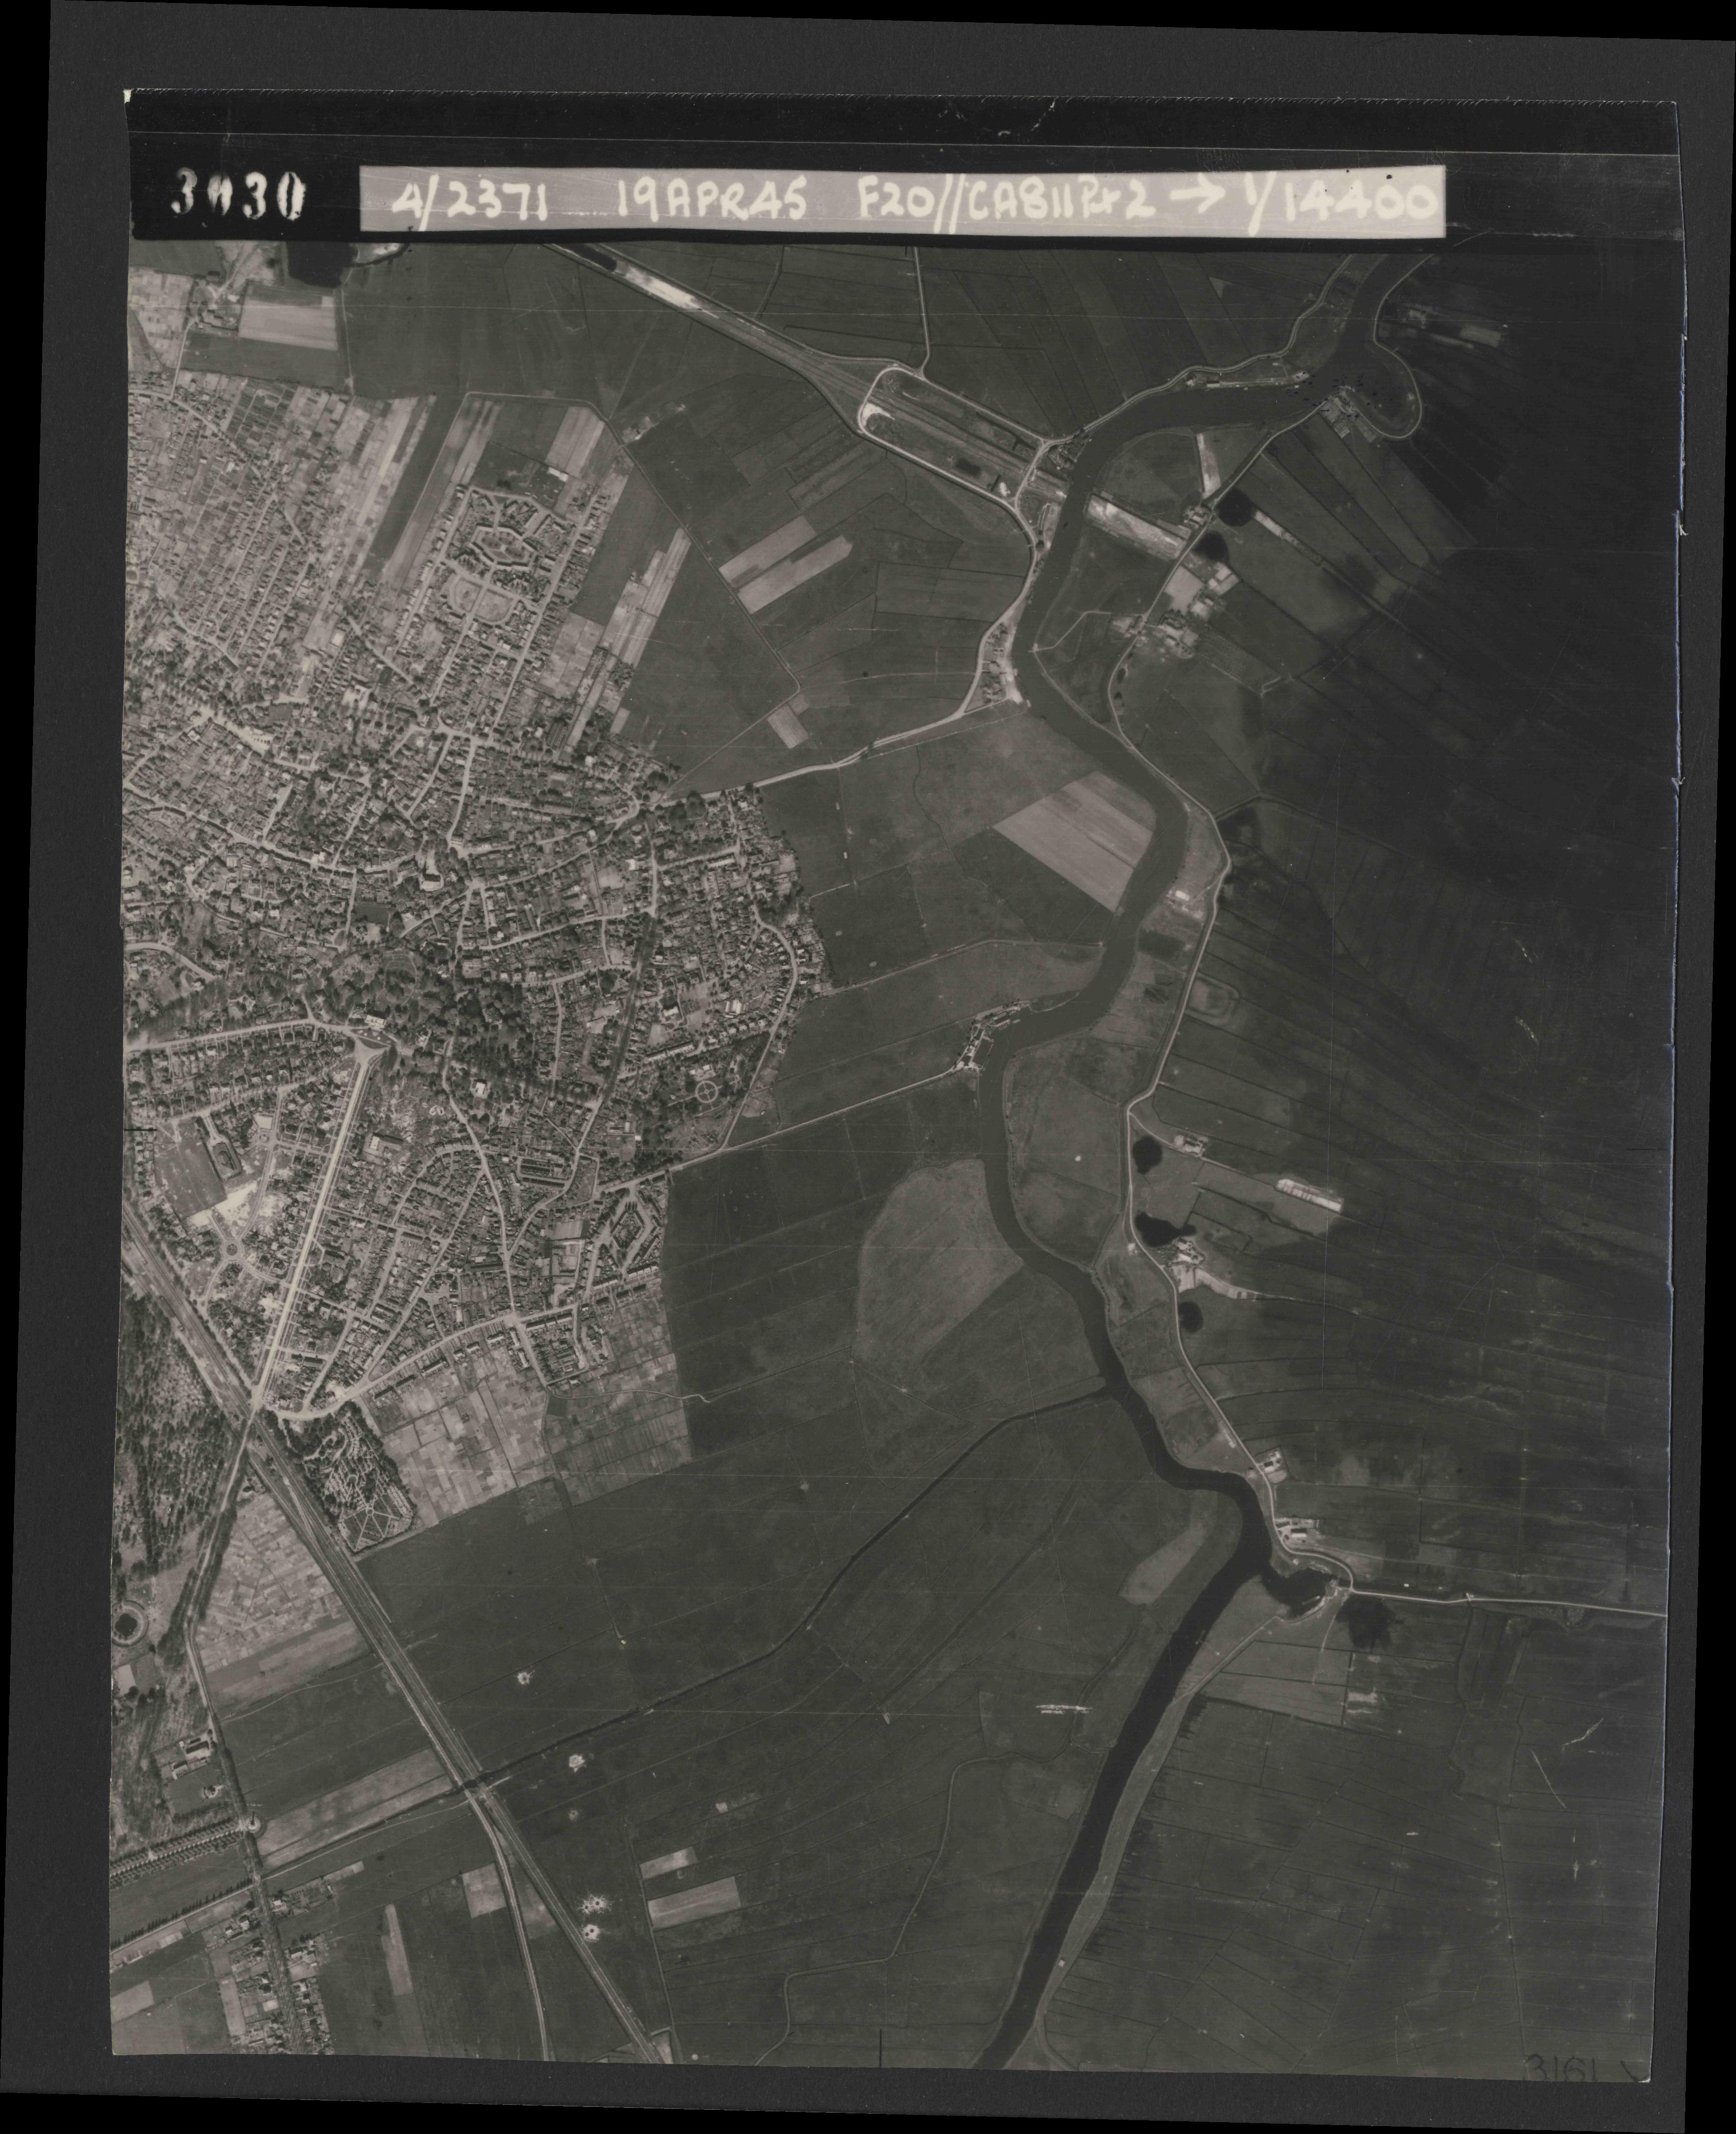 Collection RAF aerial photos 1940-1945 - flight 305, run 01, photo 3030